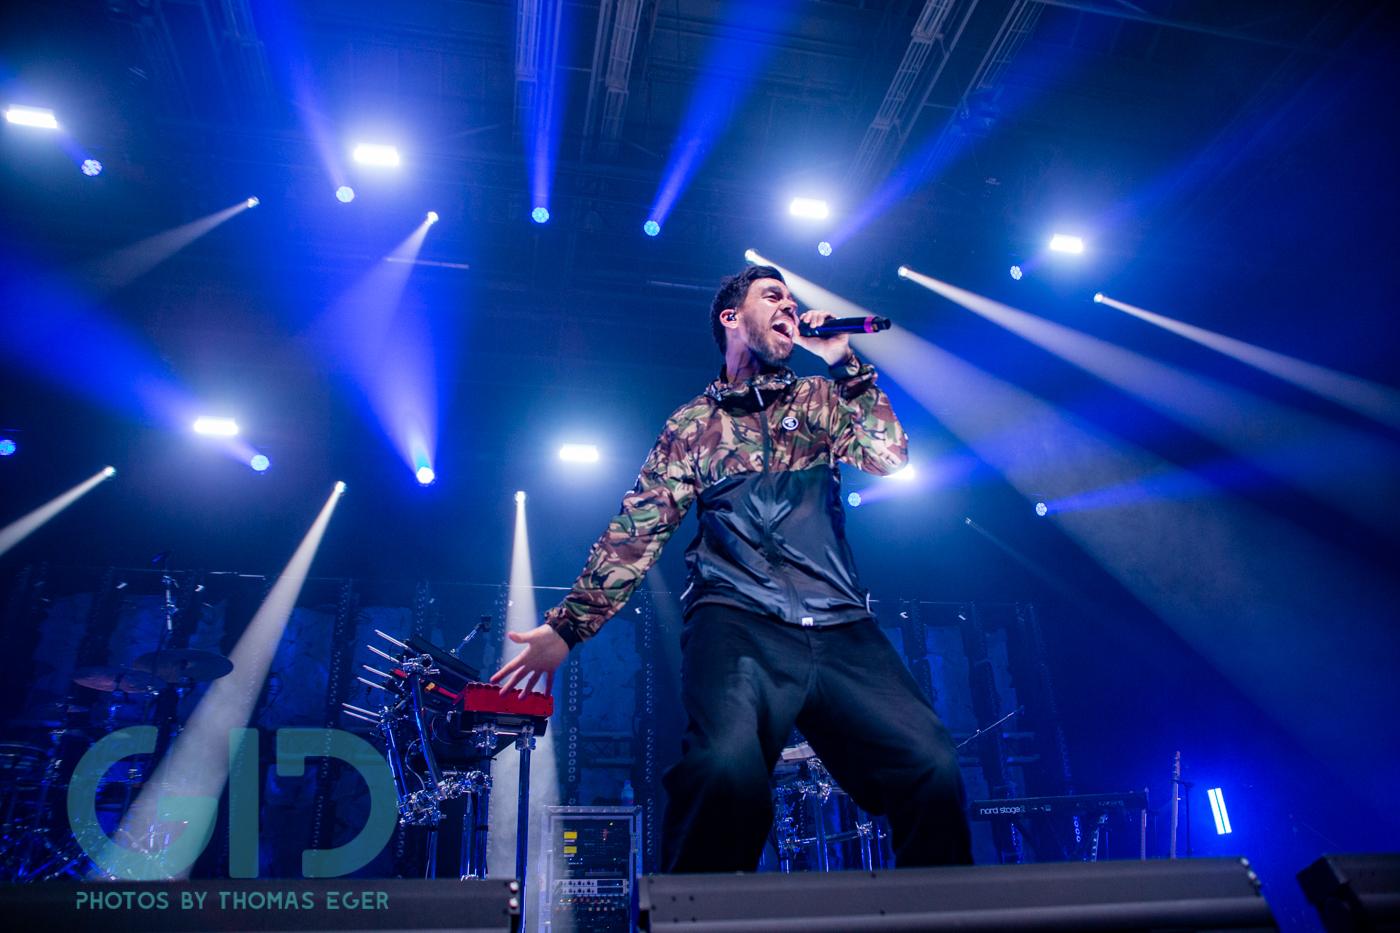 Mike-Shinoda-Hamburg-08.03.19-8